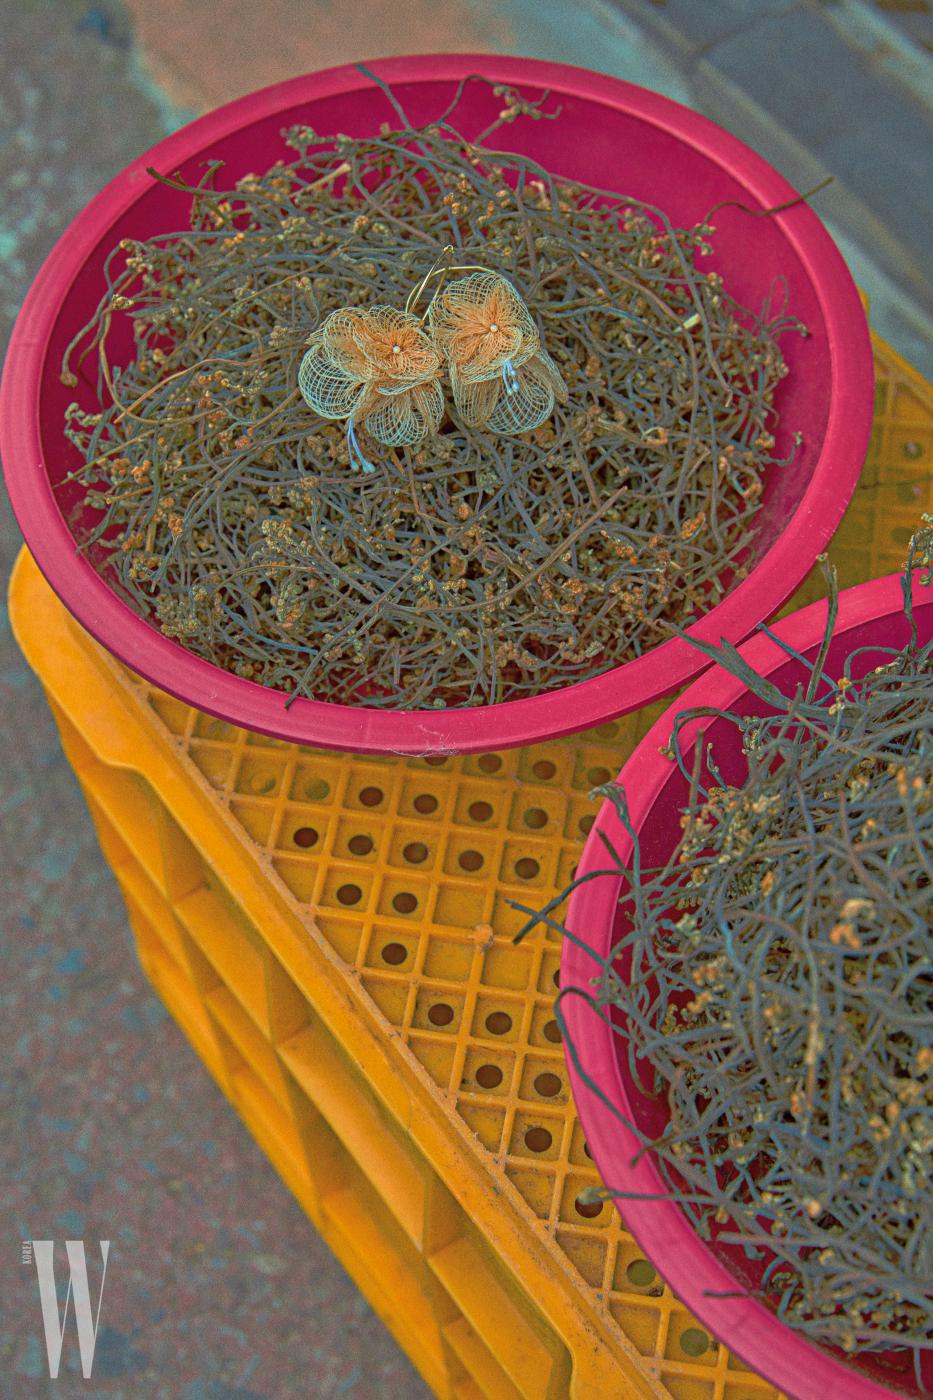 망사를 꽃잎 모양으로 만든 귀고리는 베베 제품. 5만9천원.